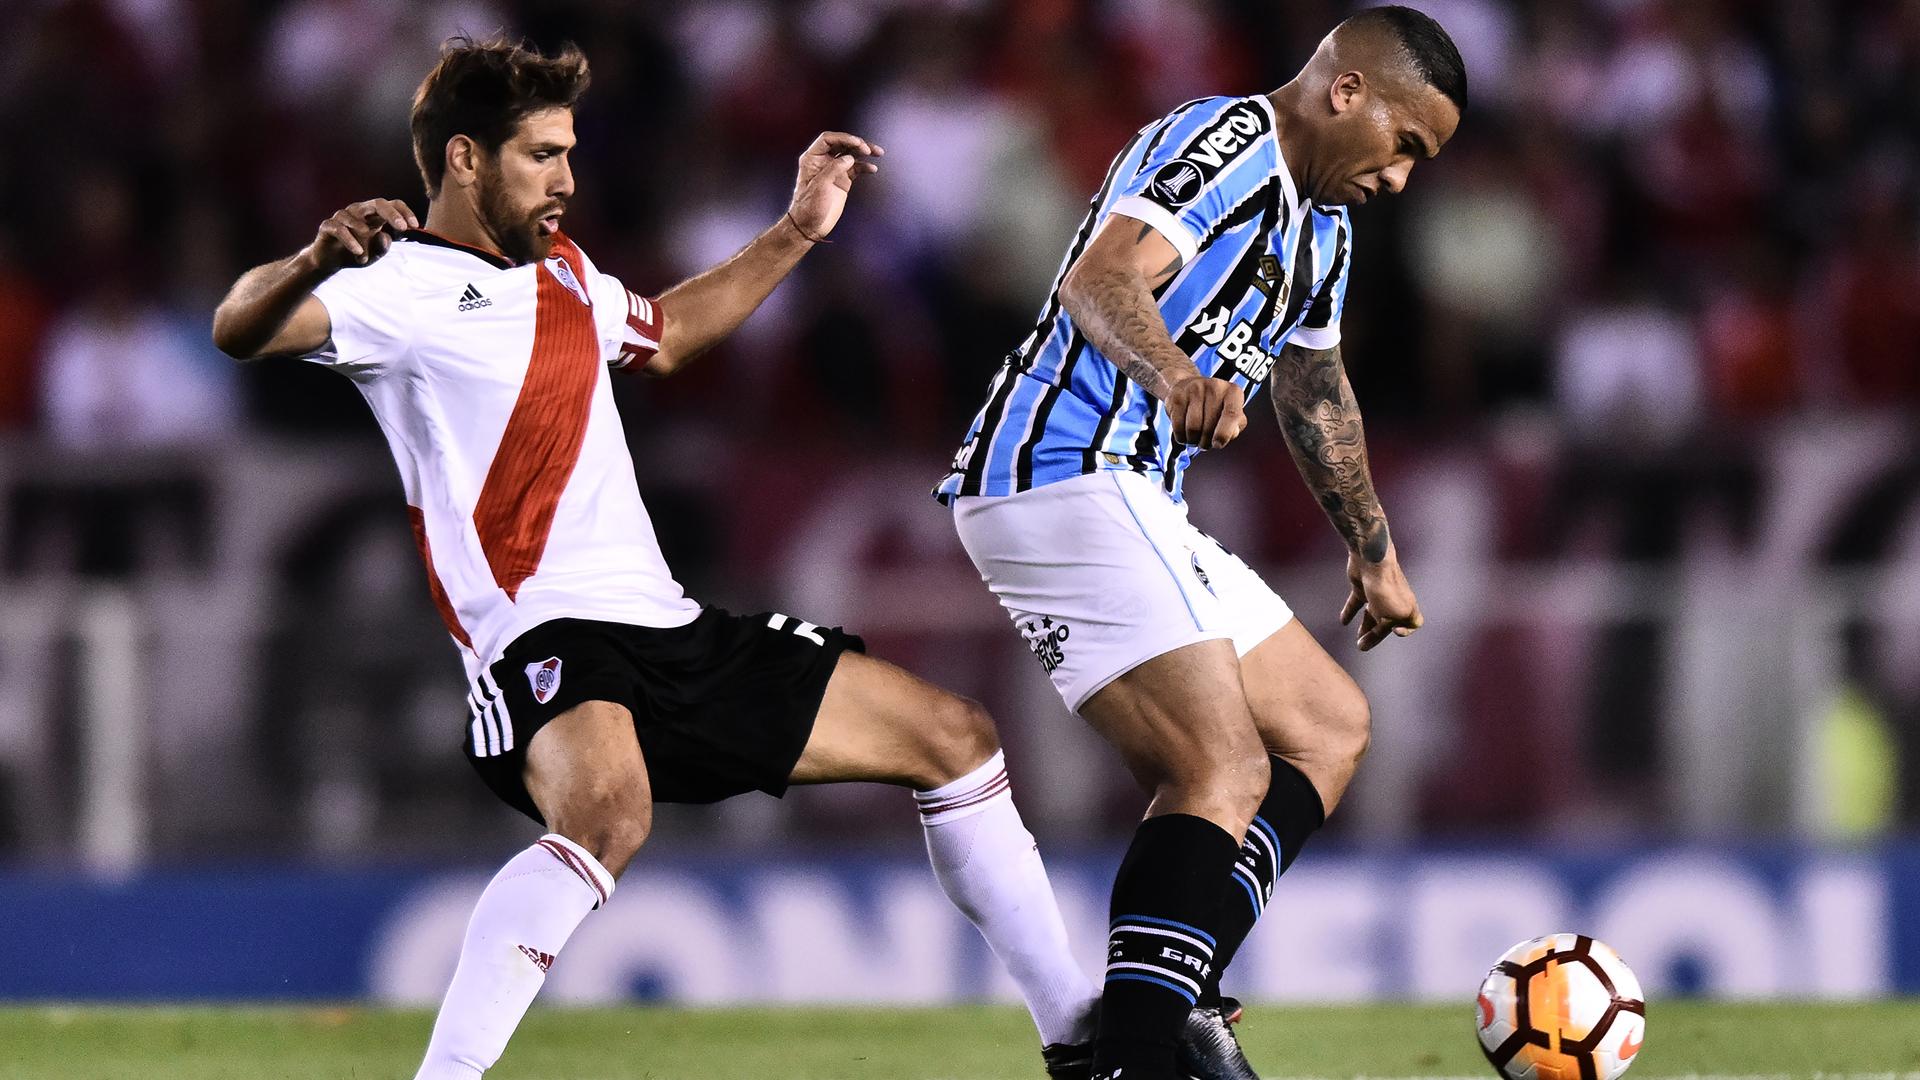 River Plate 0 Gremio 1: Michel header gives Brazilians edge in semi